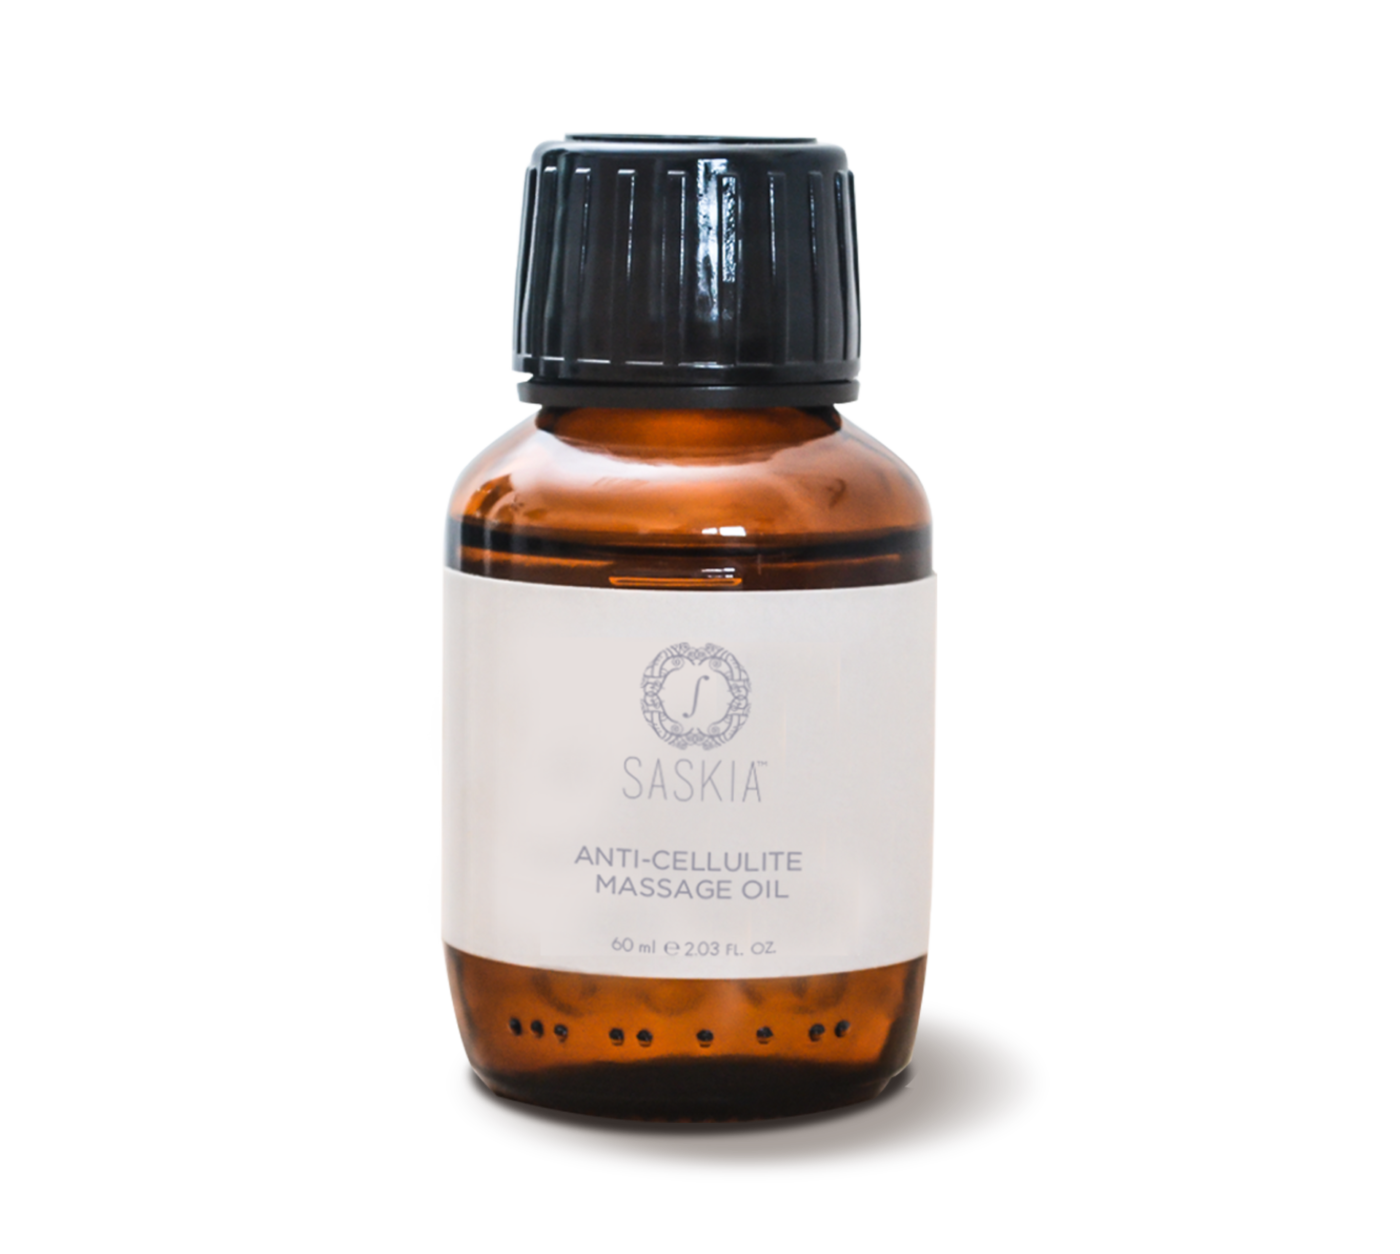 SASKIA Anti-cellulite Massage oil 60ml